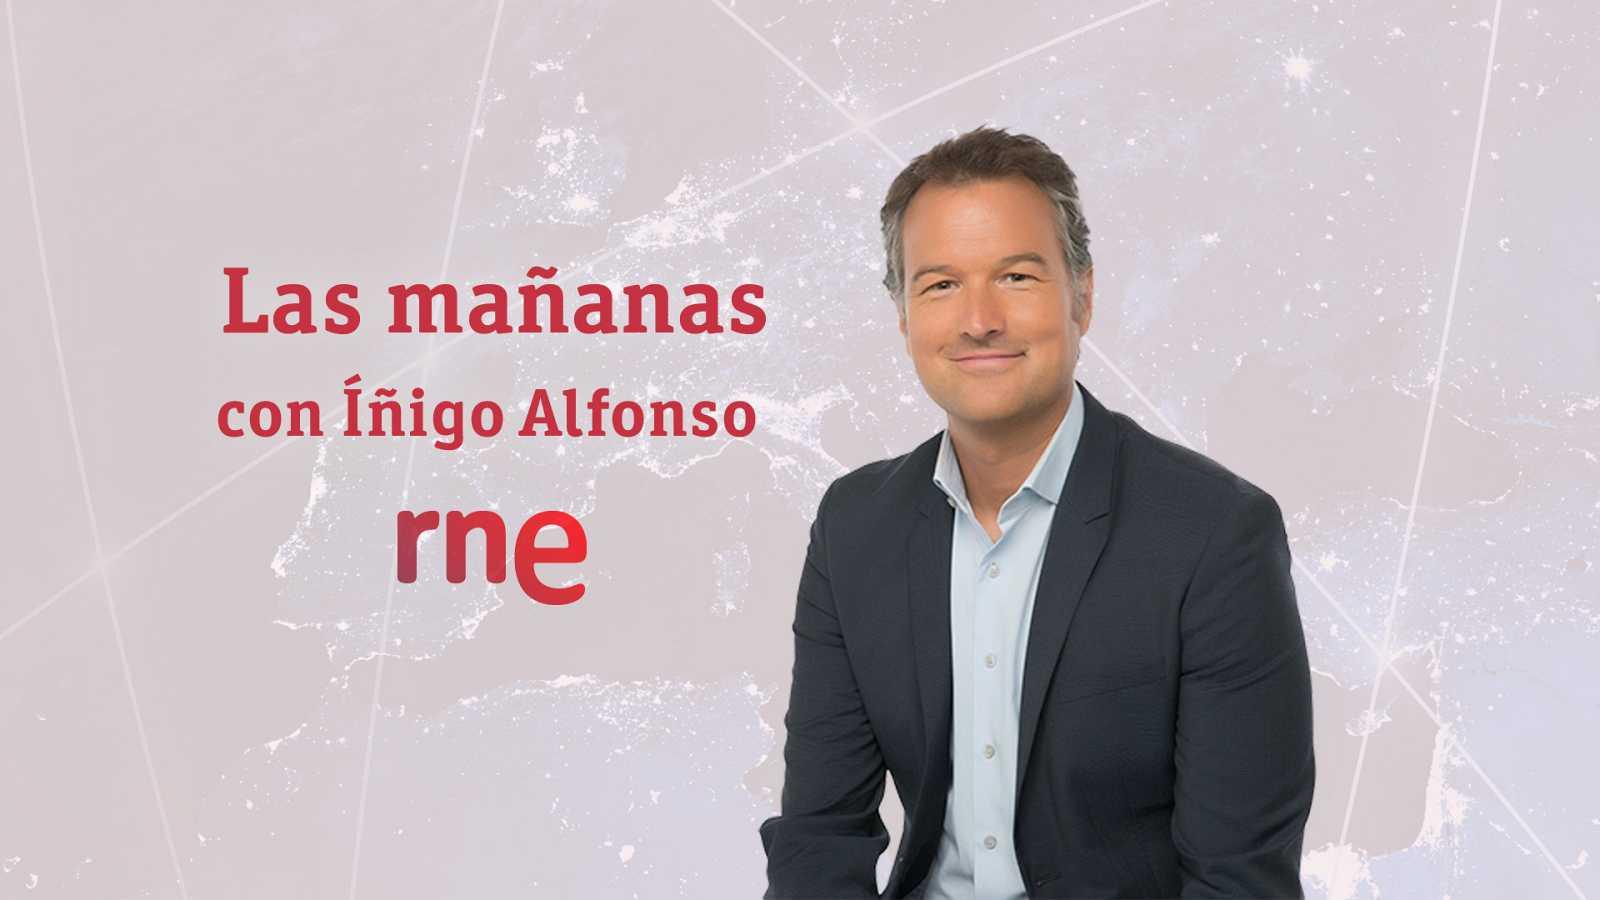 Las mañanas de RNE con Íñigo Alfonso - Primera hora - 24/03/20 - escuchar ahora